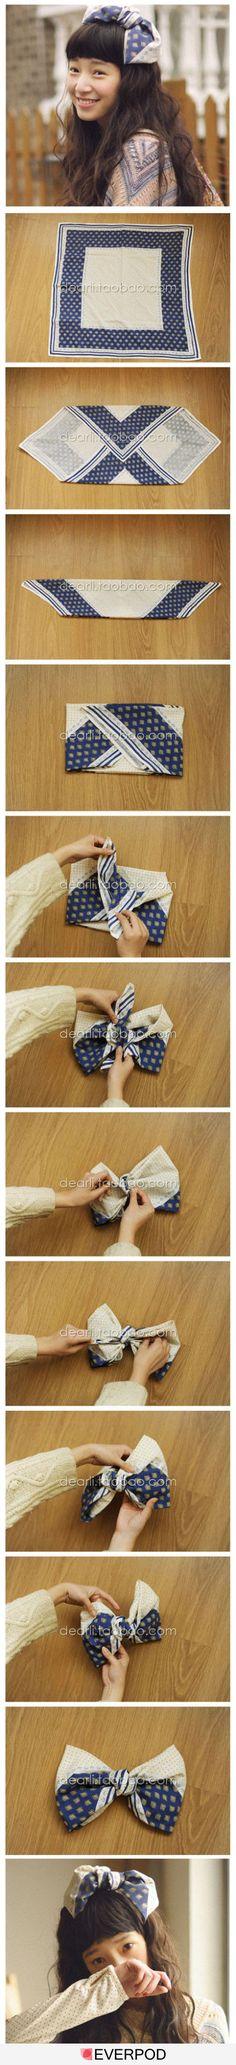 handkerchief bow